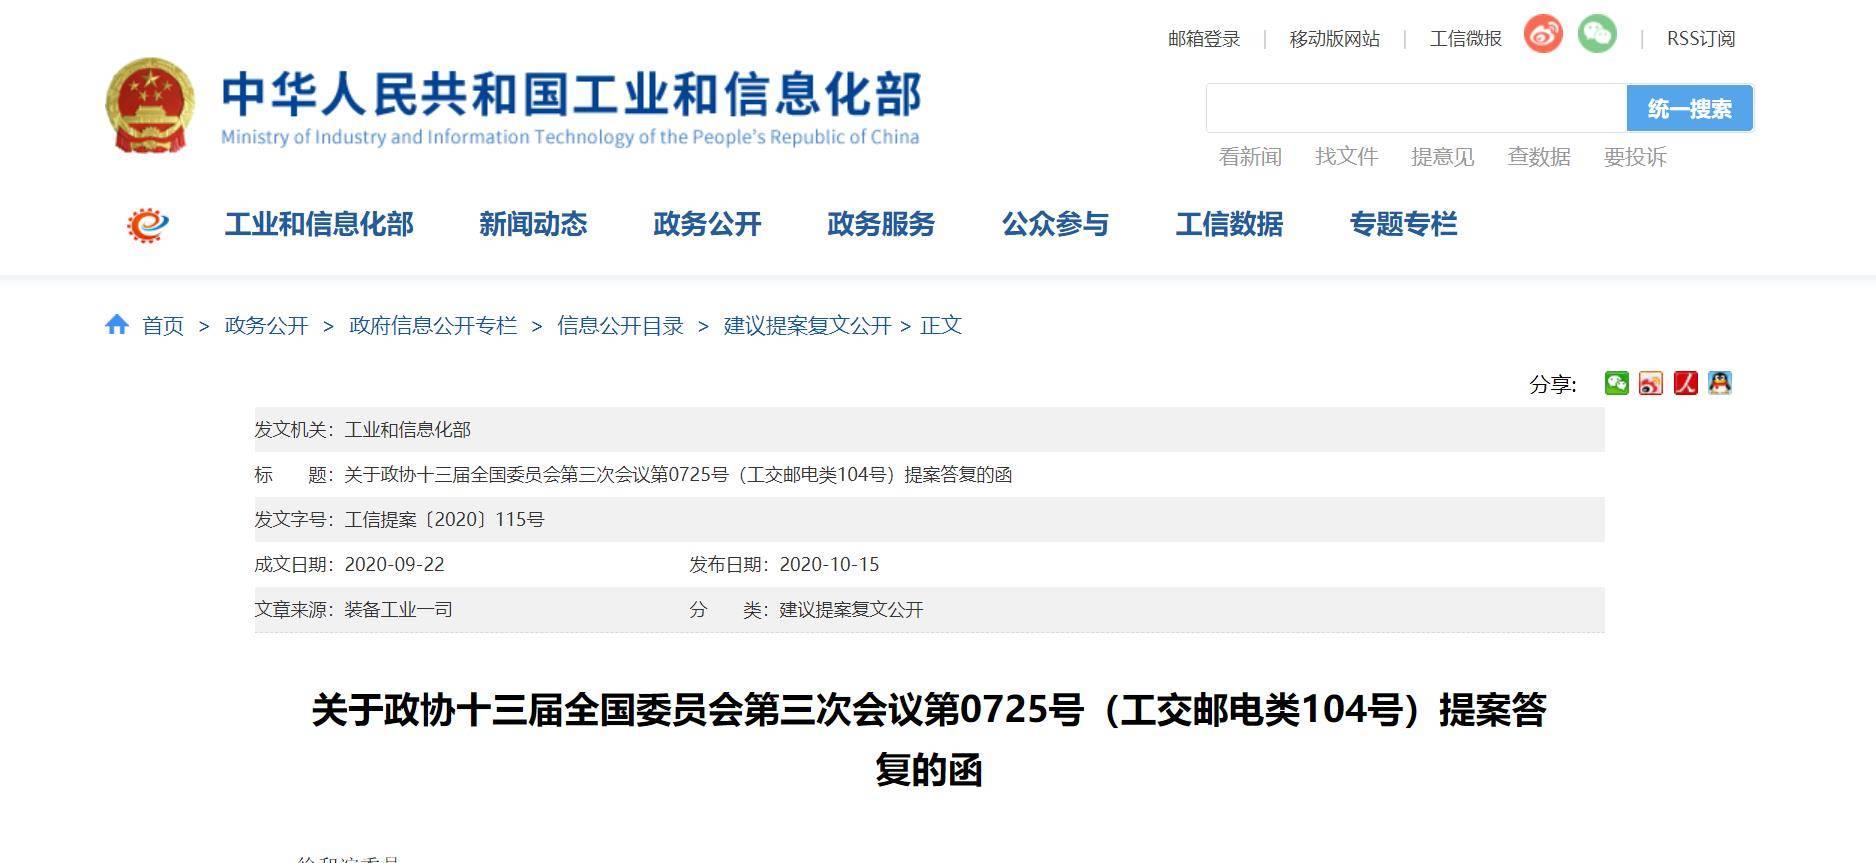 专注!工业和信息化部公布CPPCC成员新能源相关提